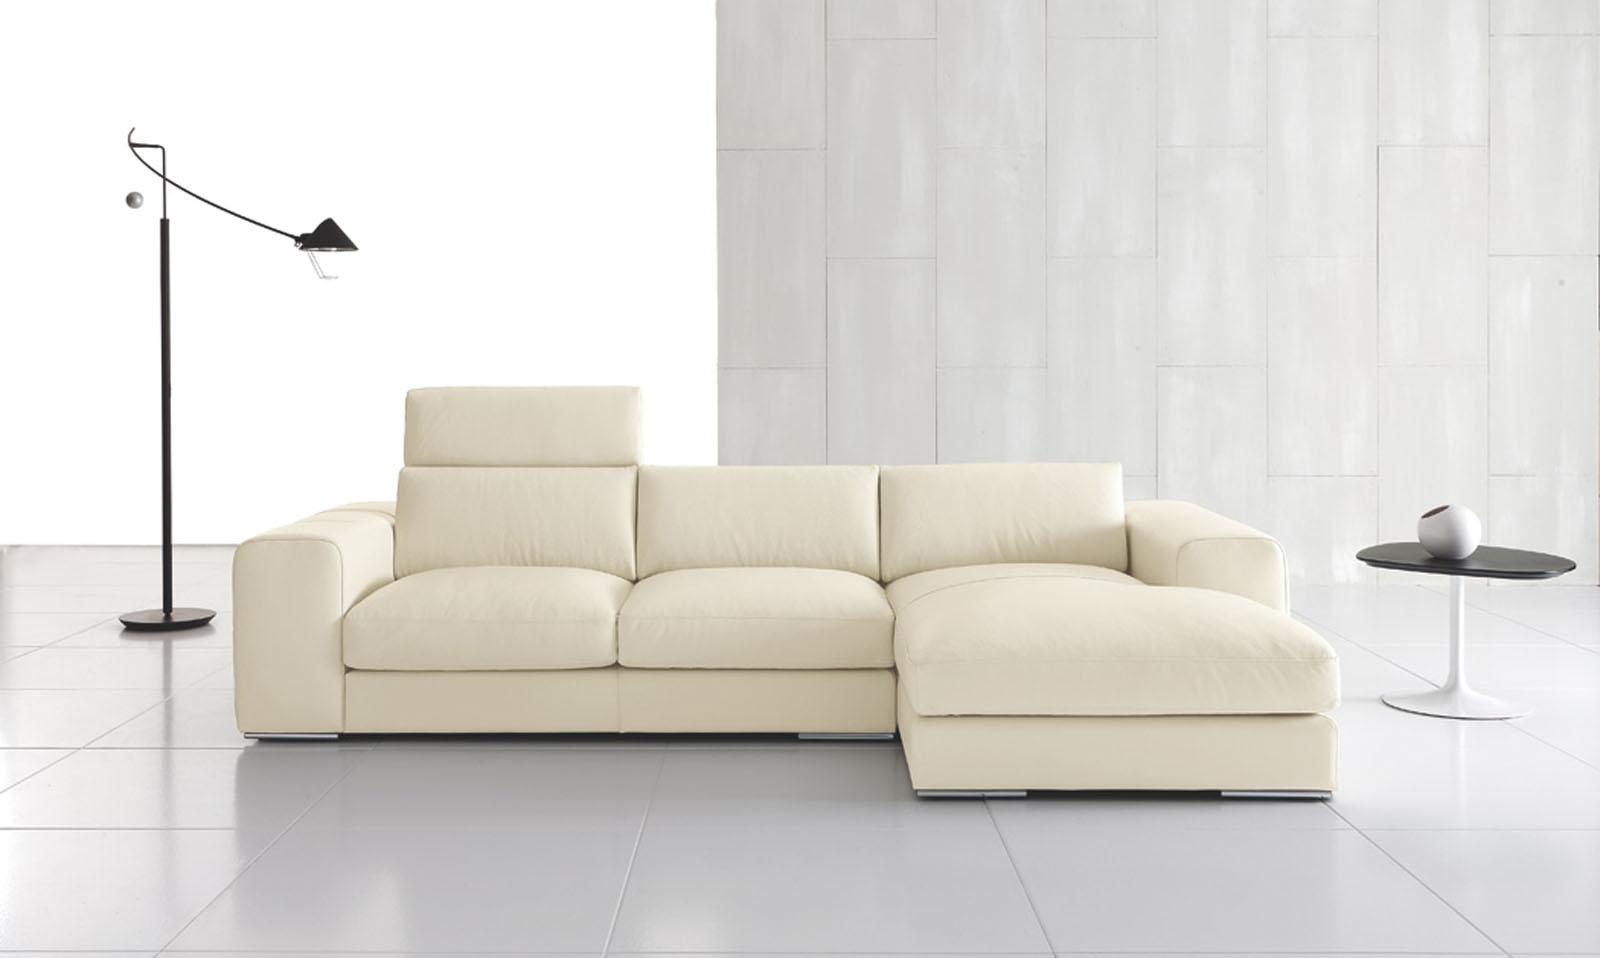 Divani blog tino mariani in anteprima le nuove immagini dei divani in pelle - Divano in pelle ikea ...